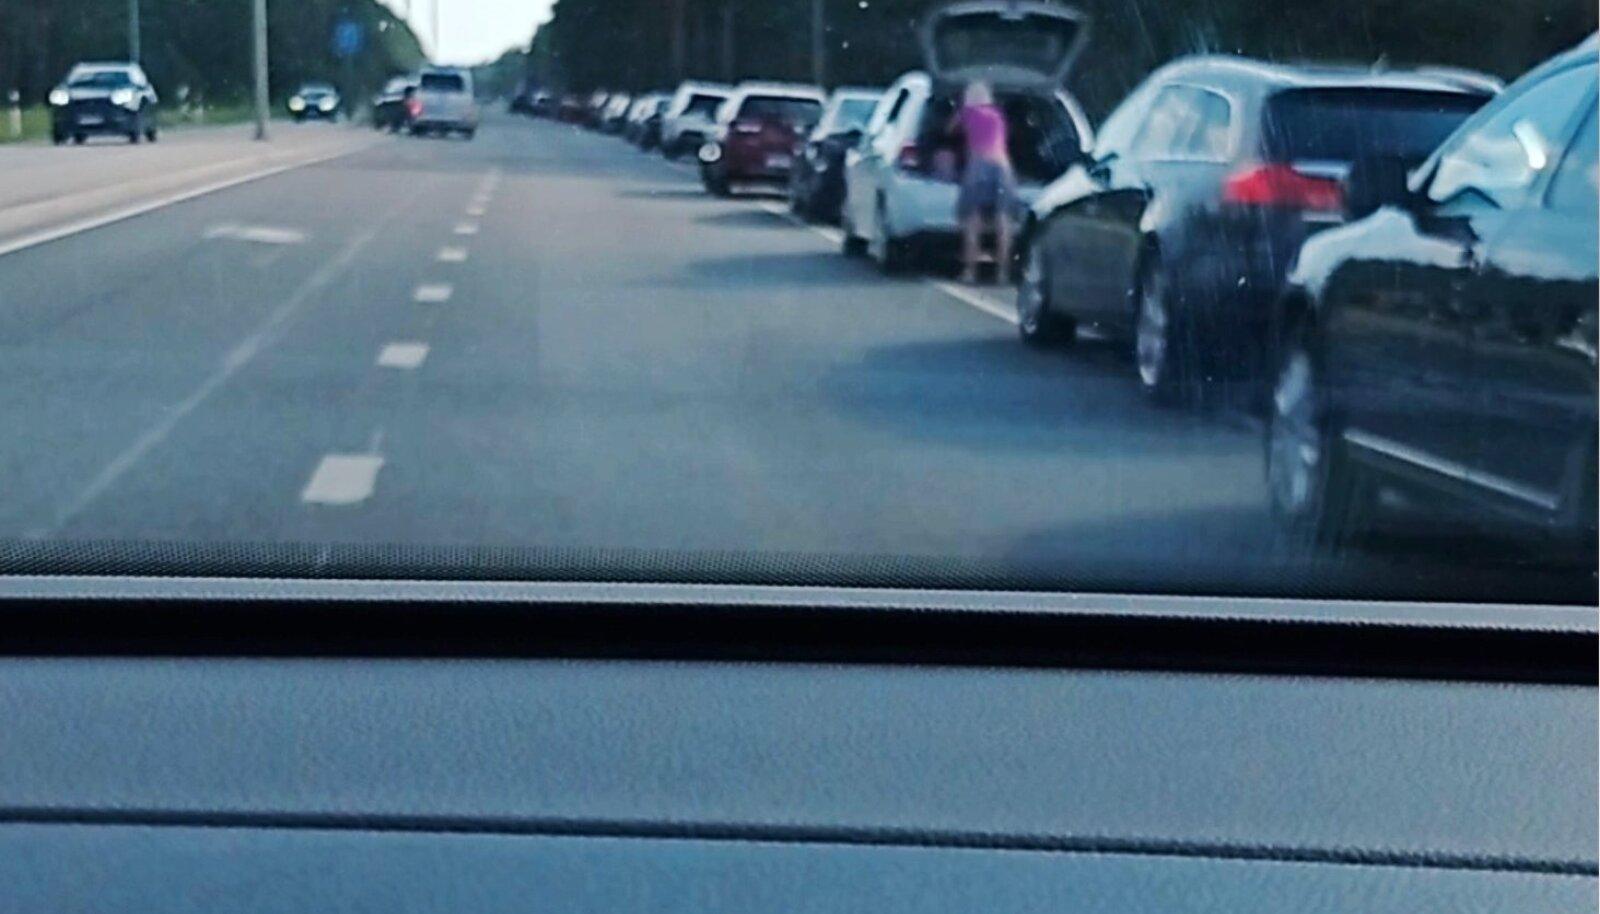 KÕIK KOHAD TÃIS: Selline pilt avanes maantee ääres viimasel nädalavahetusel.